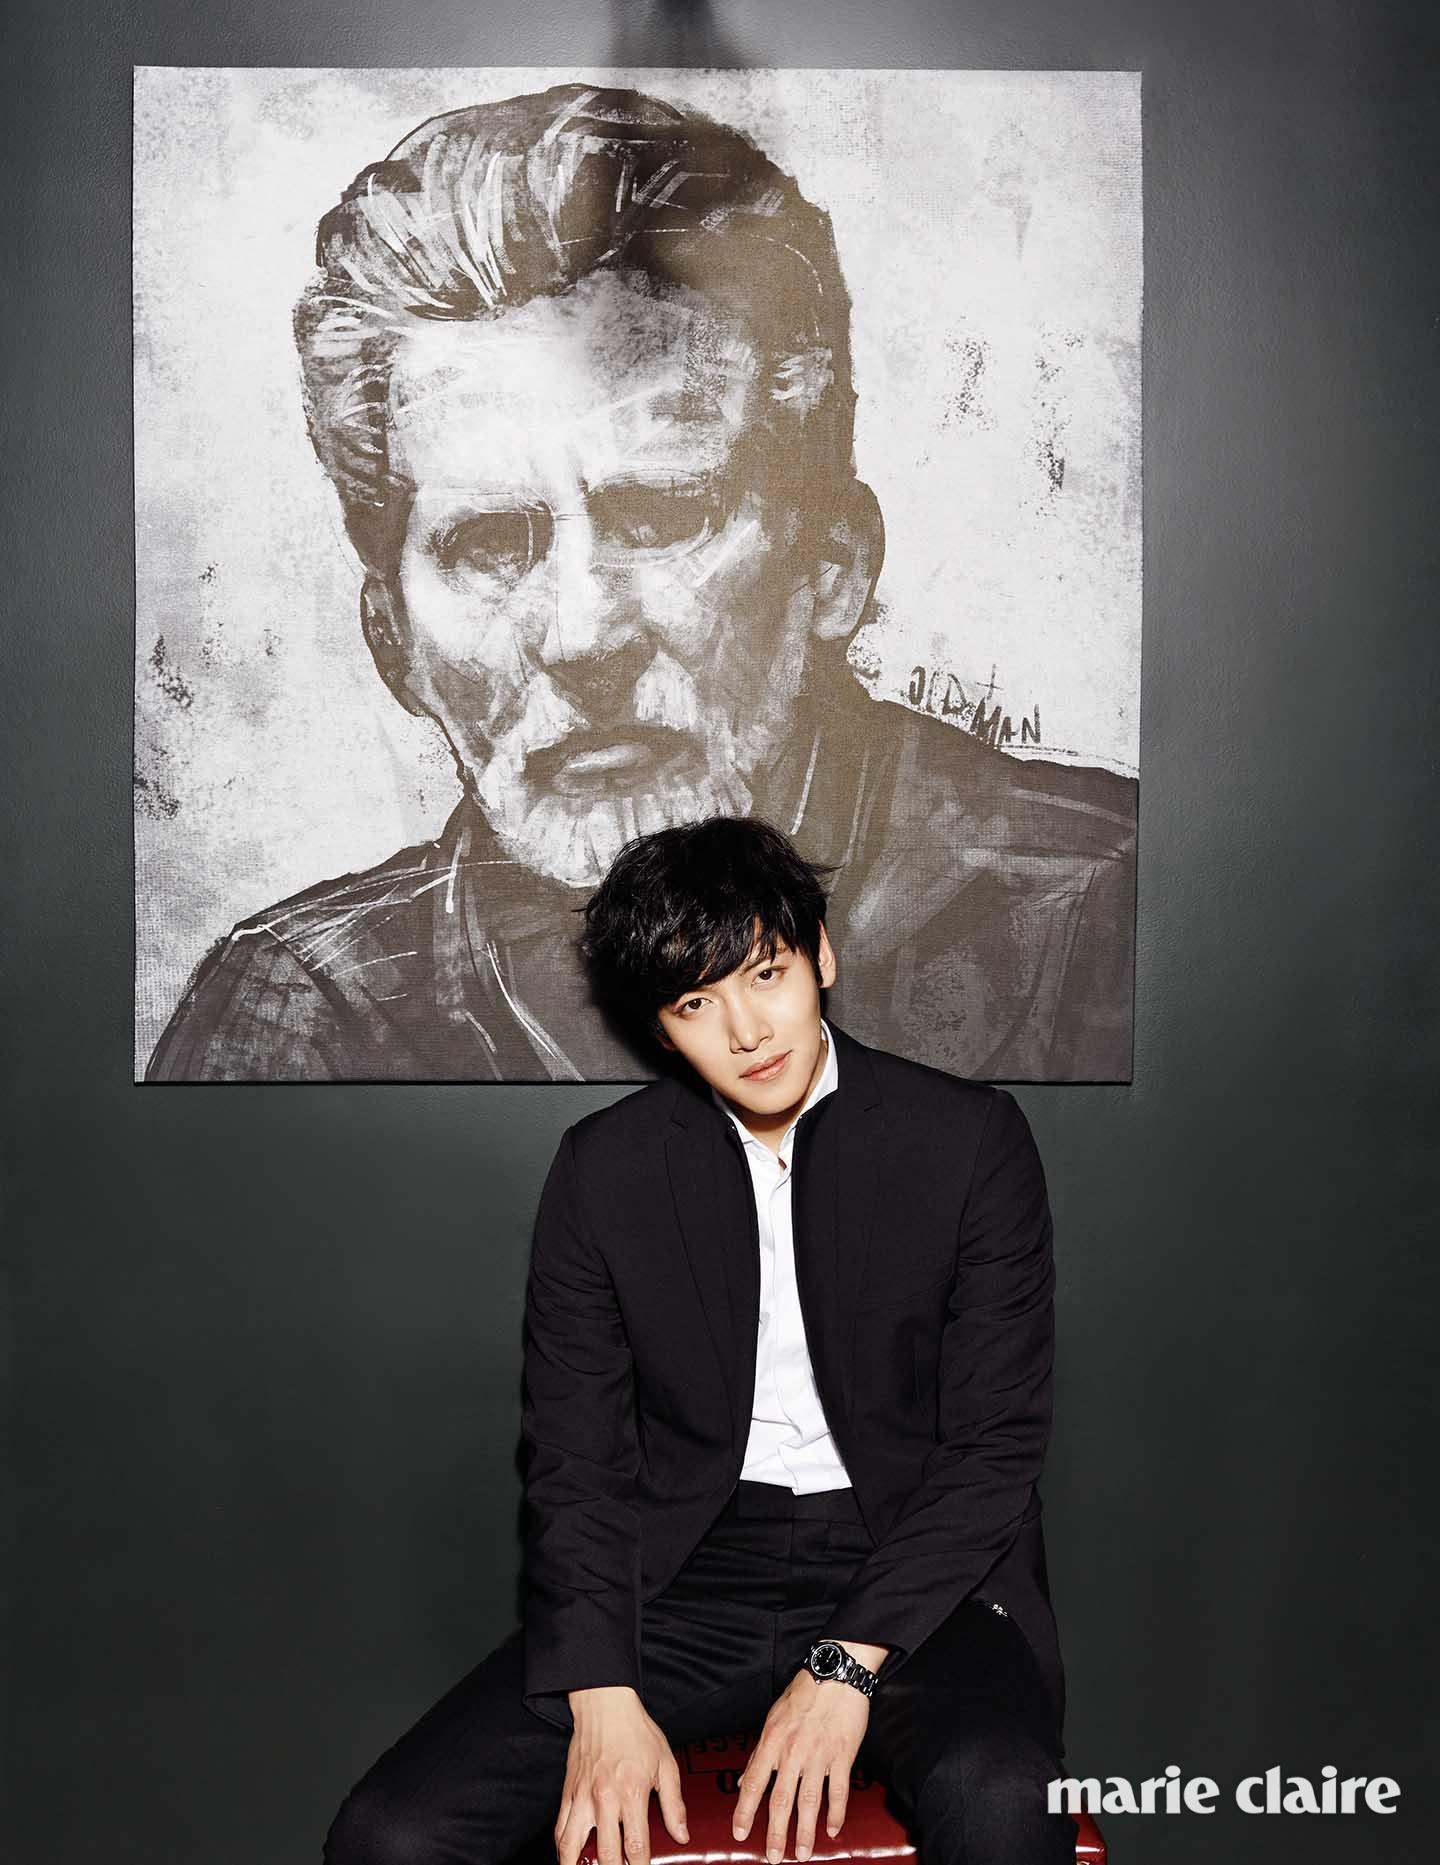 블랙 재킷과 팬츠, 화이트 셔츠 모두 디올 옴므(Dior Homme), 실버메탈 시계 펜디 워치(Fendi Watch).